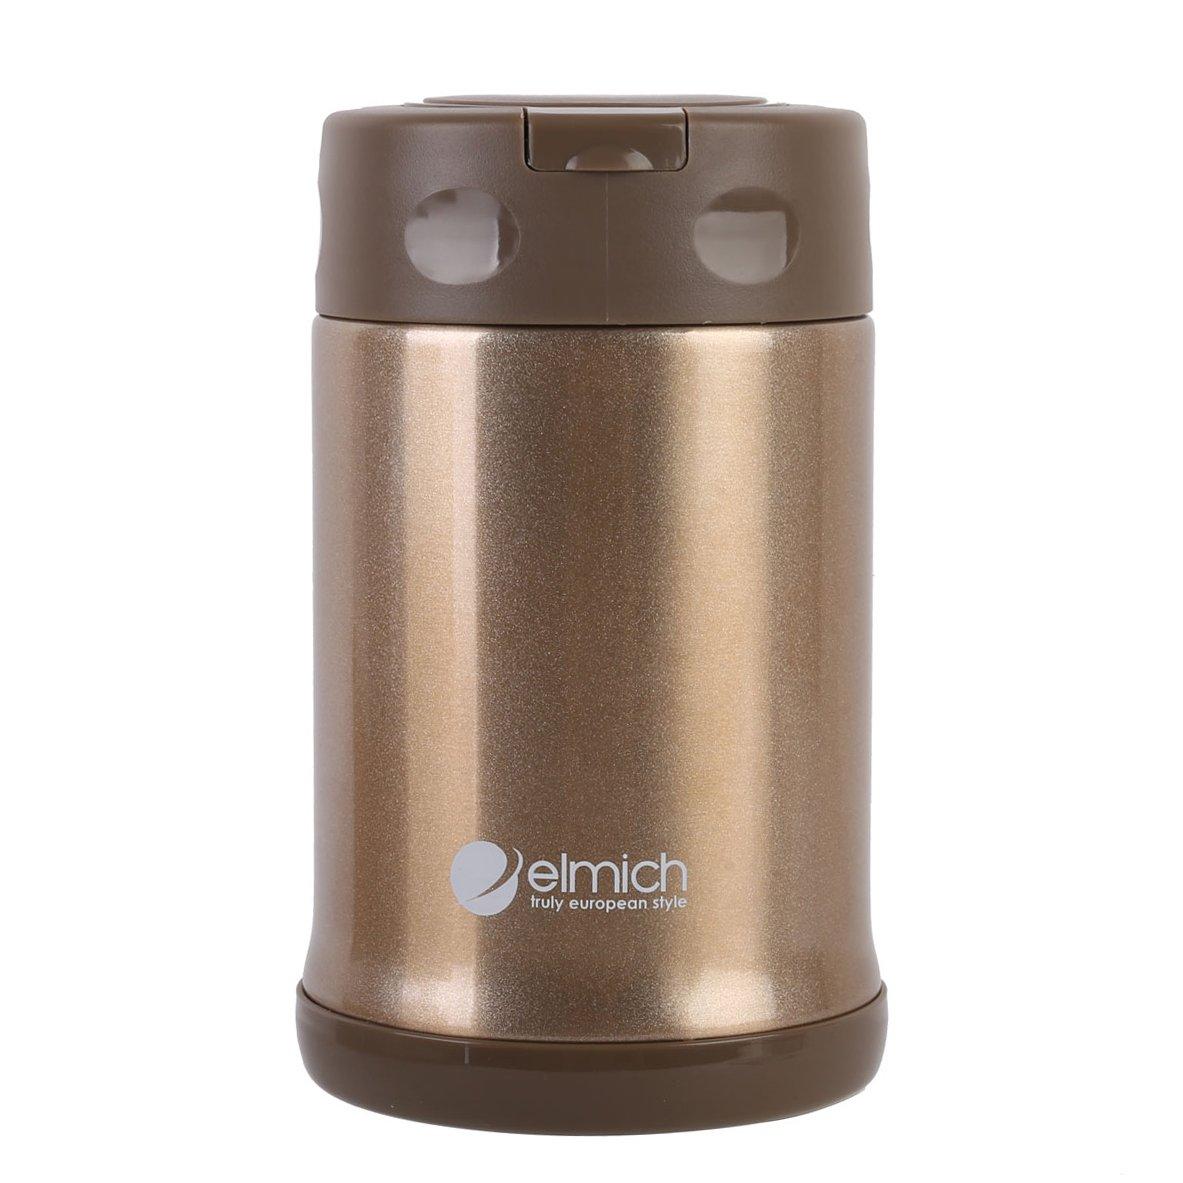 Elmich - Bình đựng thức ăn giữ nhiệt  ELMICH inox 304 500ml EL0631  - 2240631